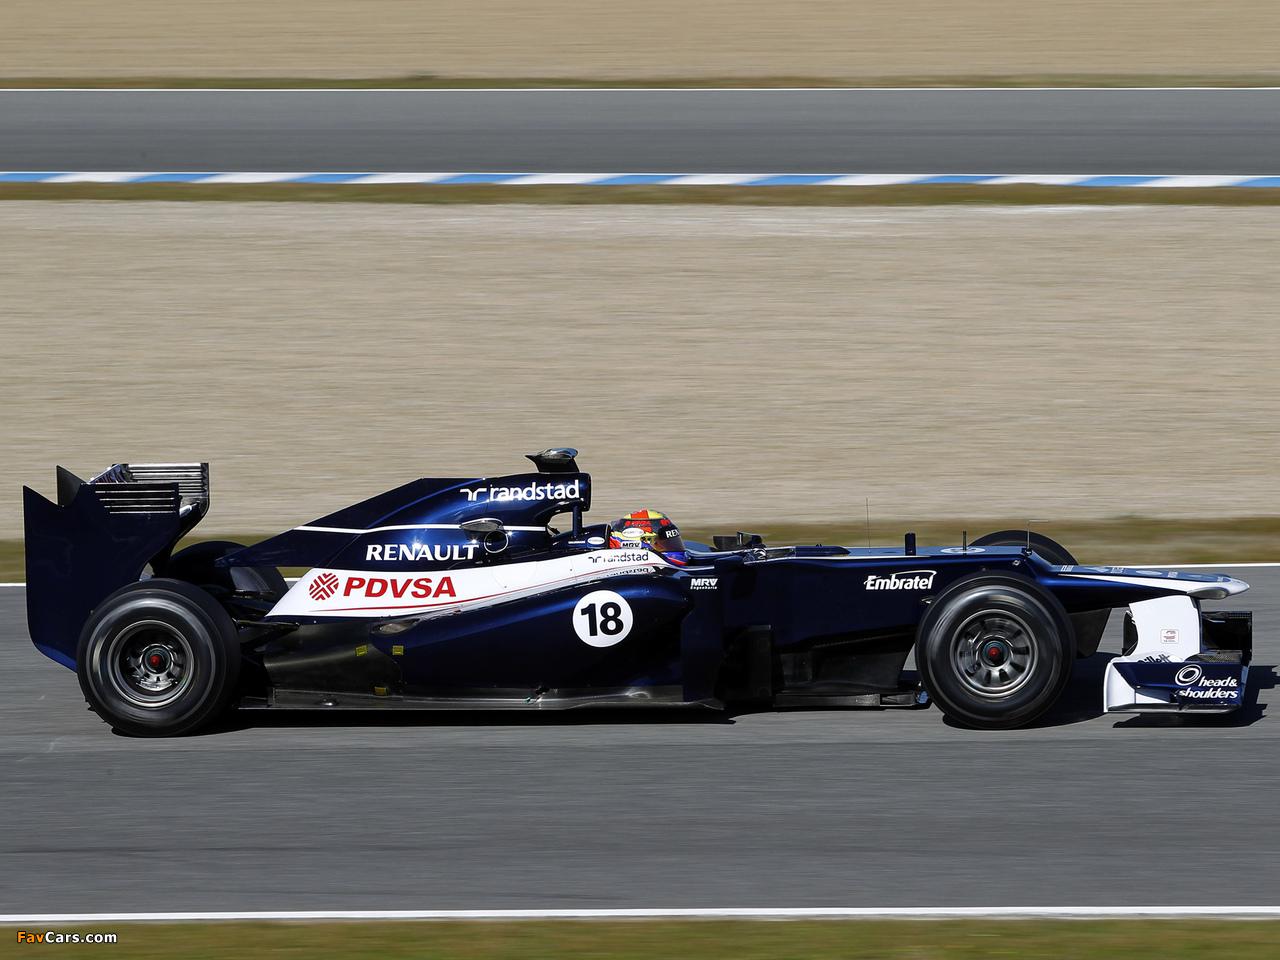 Williams FW34 2012 images (1280 x 960)